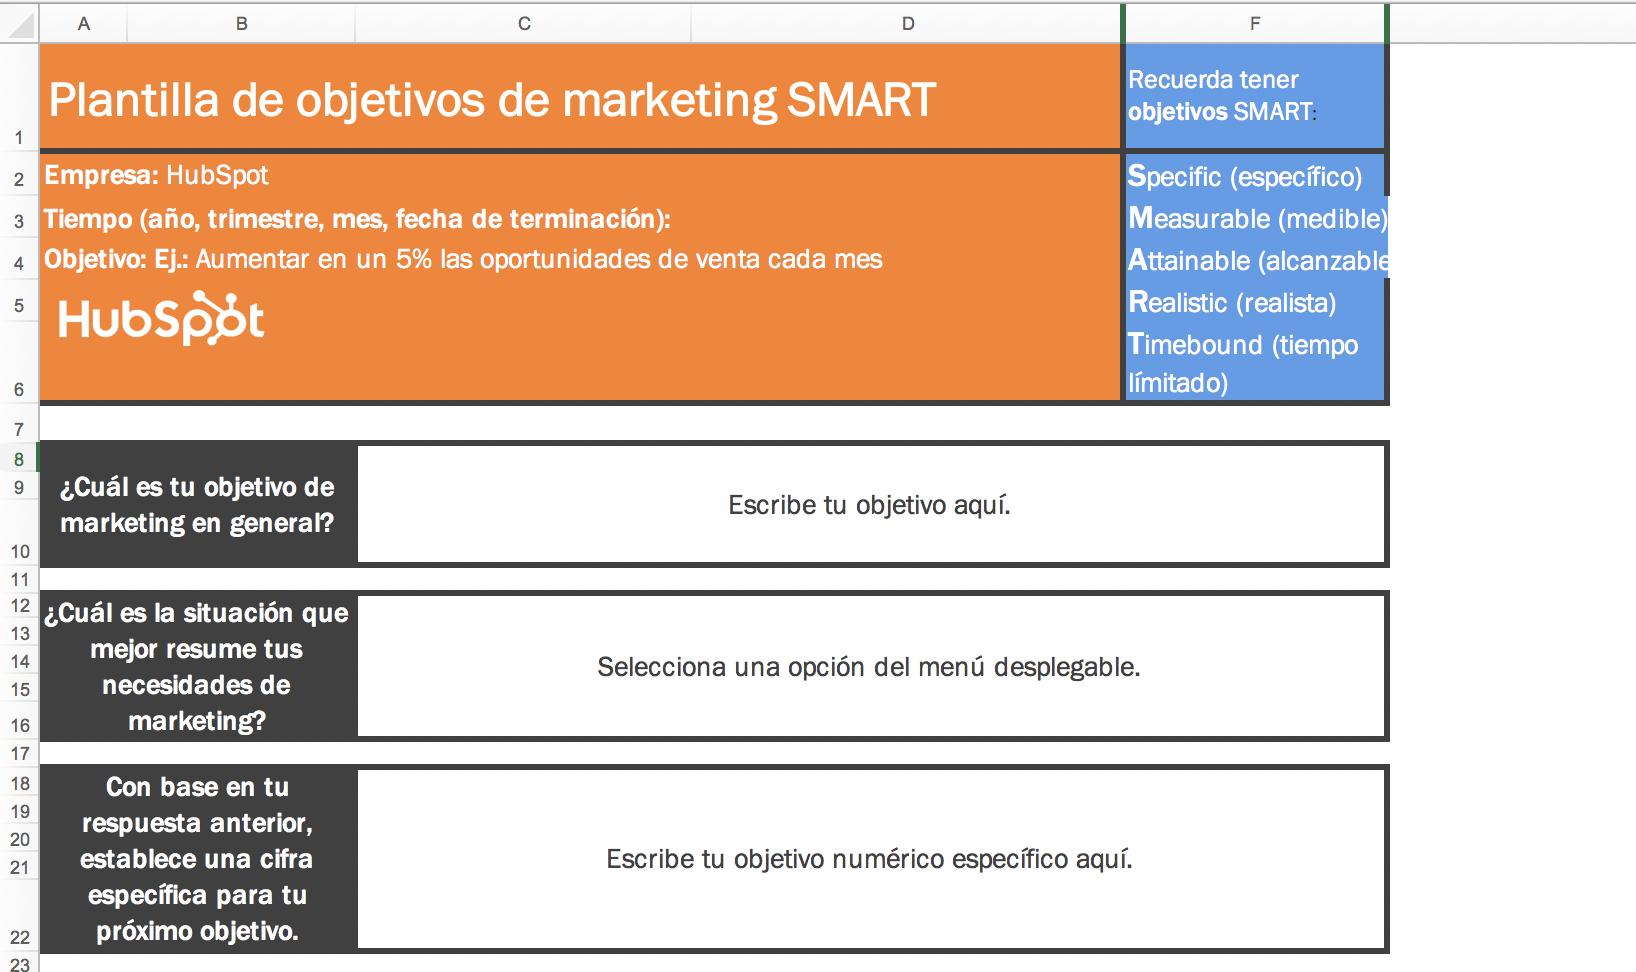 plantilla objetivos SMART 1